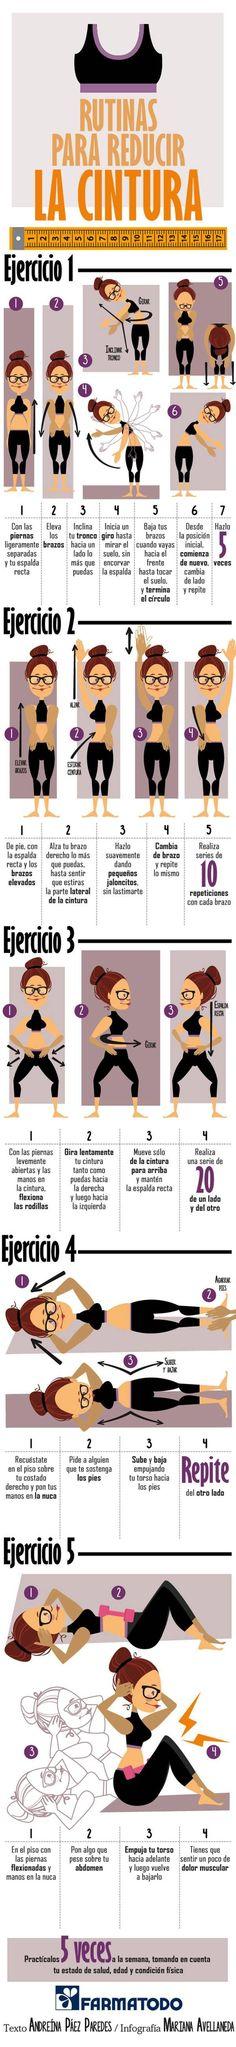 Rutina completa de ejercicios abdominales para reducir la cintura. #infografias #deporte #abdominales